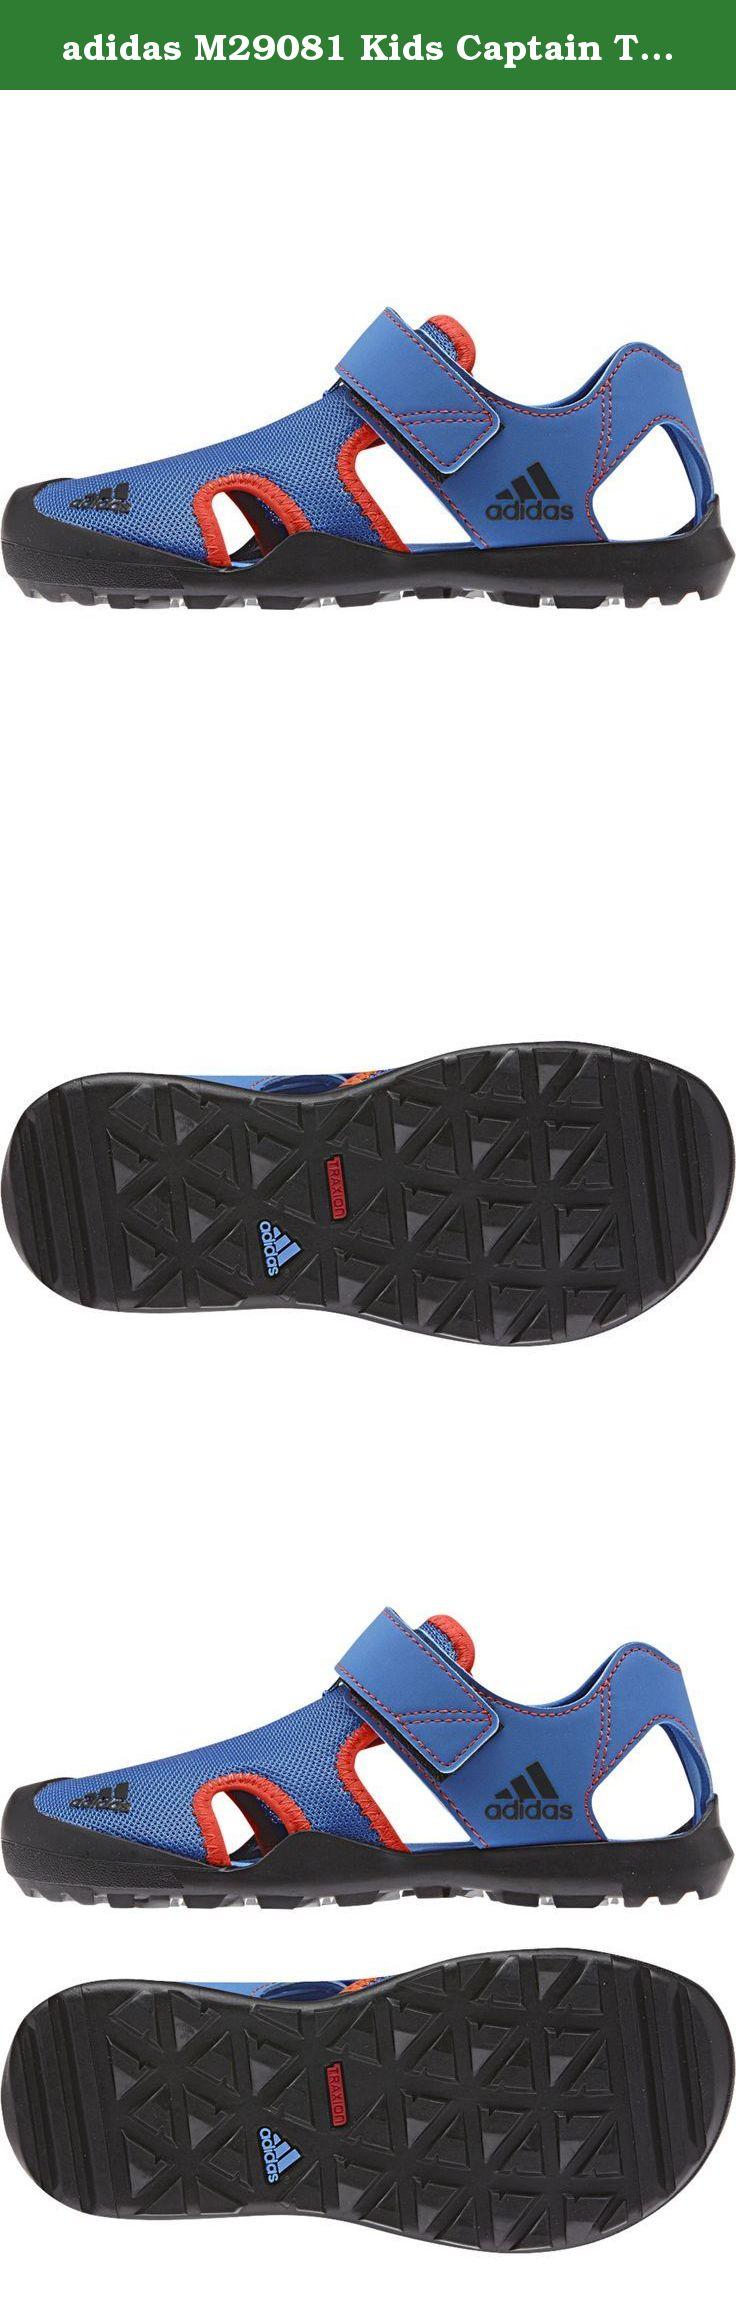 0e33d11863ec adidas M29081 Kids Captain Toey K